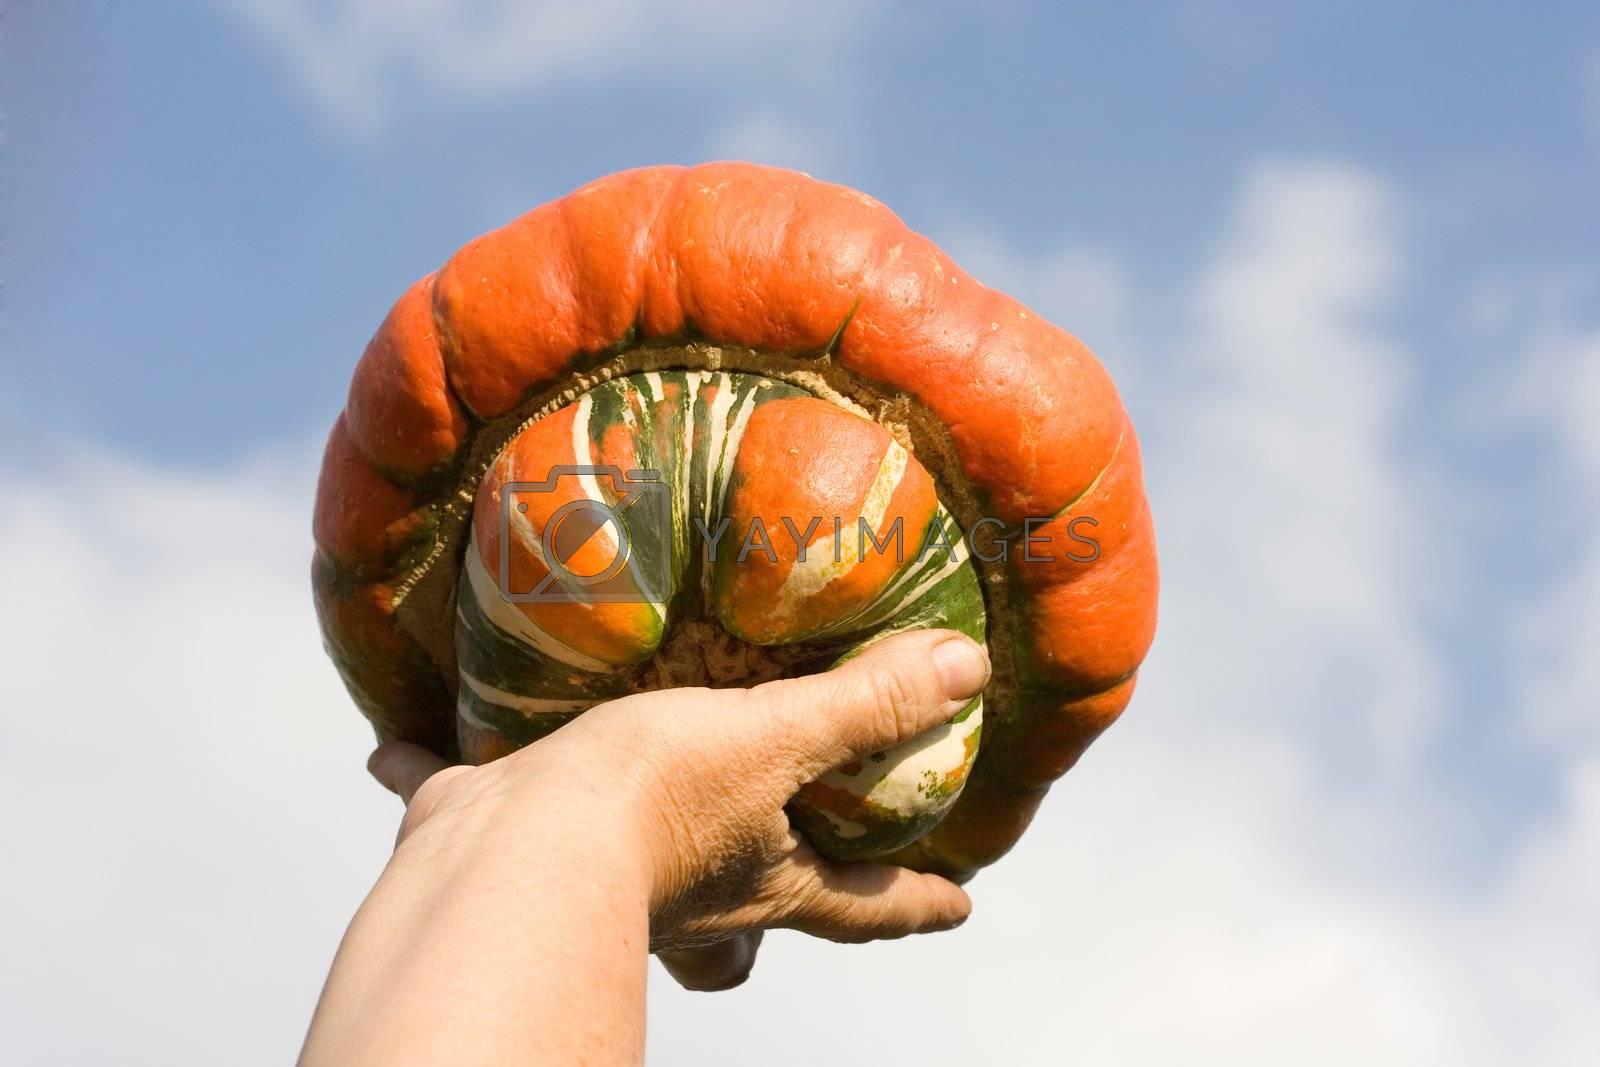 autumn vegetables clouds fall sky pumpkin hand